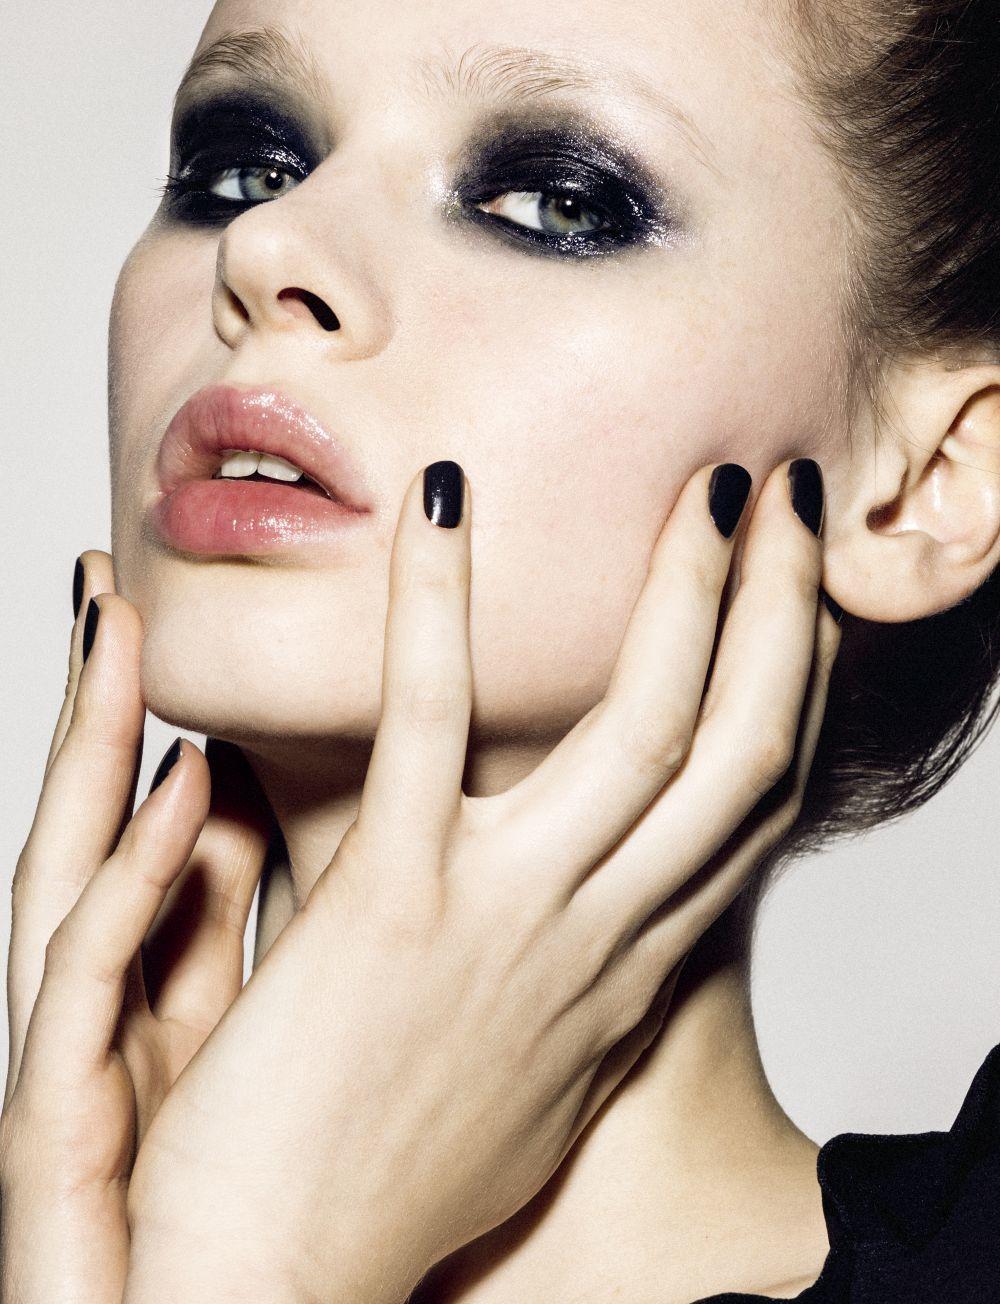 La manicura permanente garantiza unas uñas perfectas y sin...